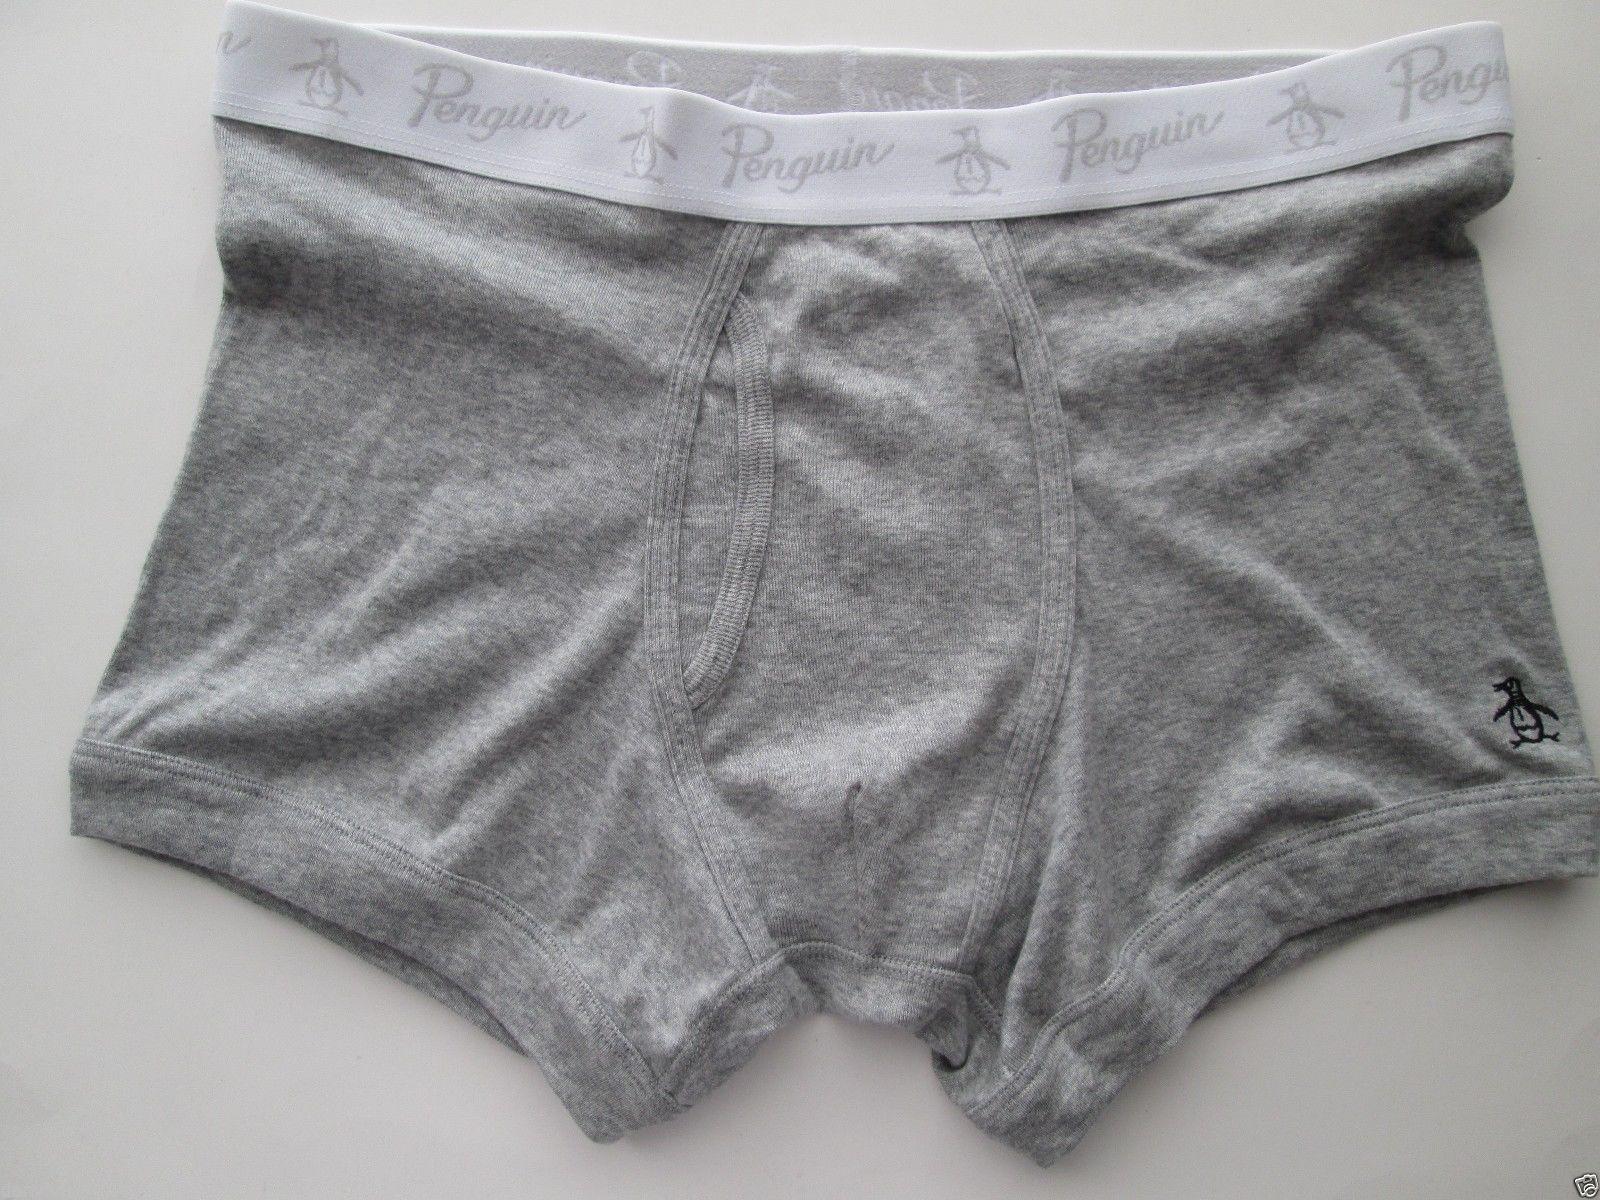 5870e5010b1d Penguin Munsingwear Cotton Men's Trunk Boxer and 50 similar items. S l1600